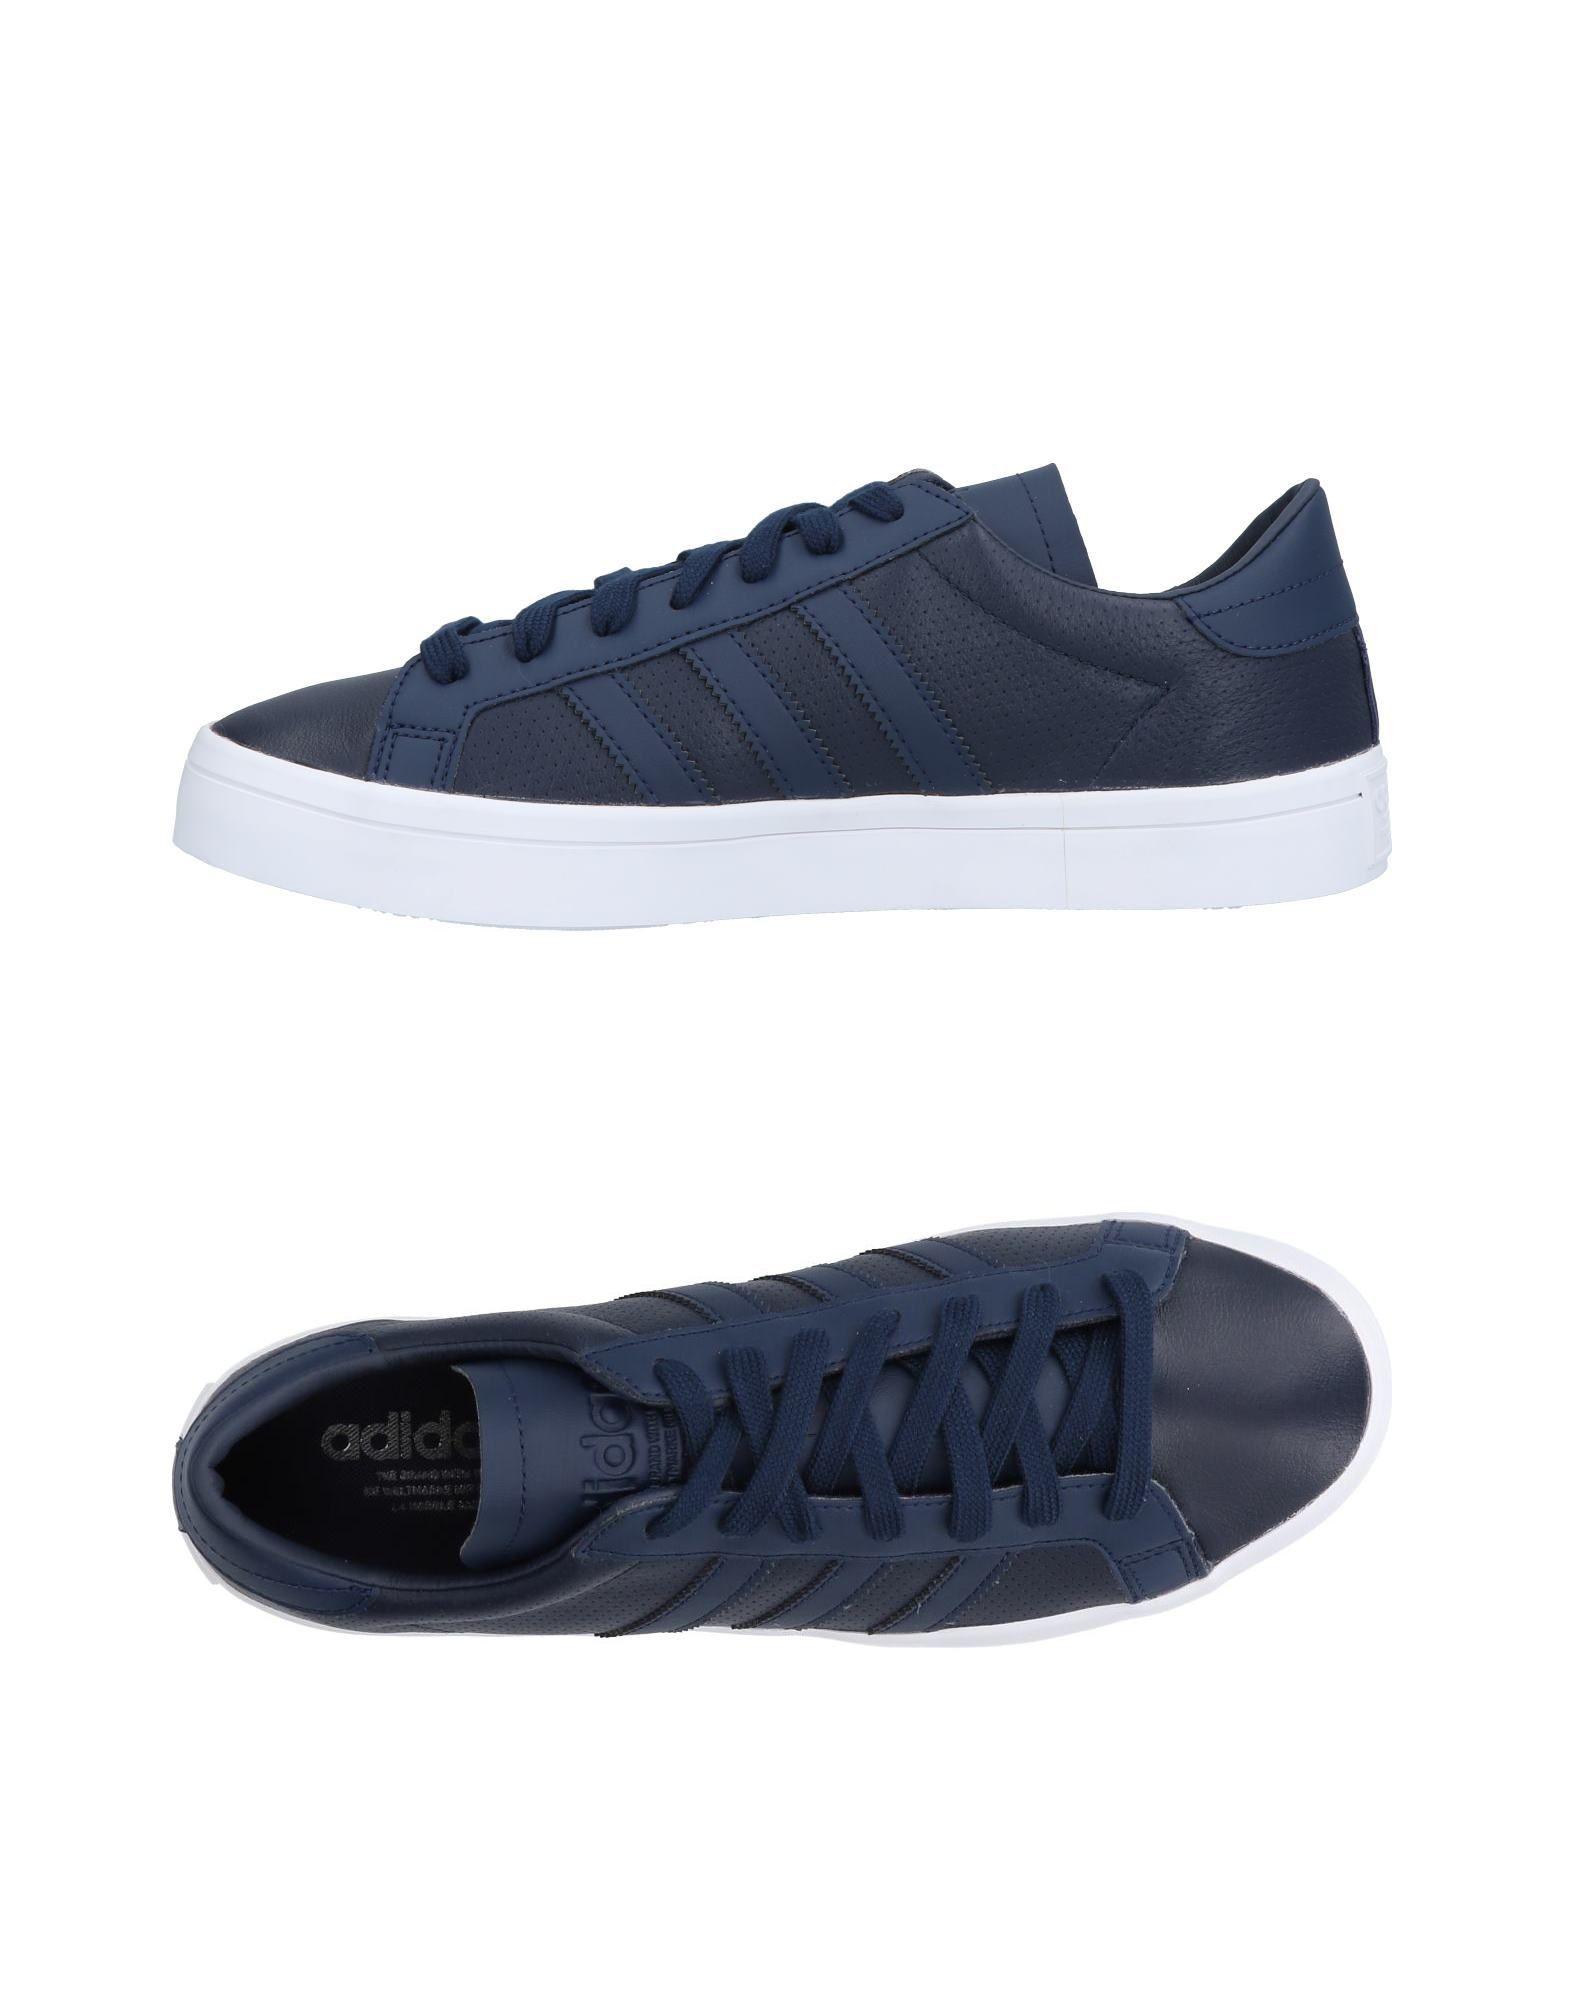 Scarpe Uomo da Ginnastica Adidas Originals Uomo Scarpe - 11480784EU 9b84cb